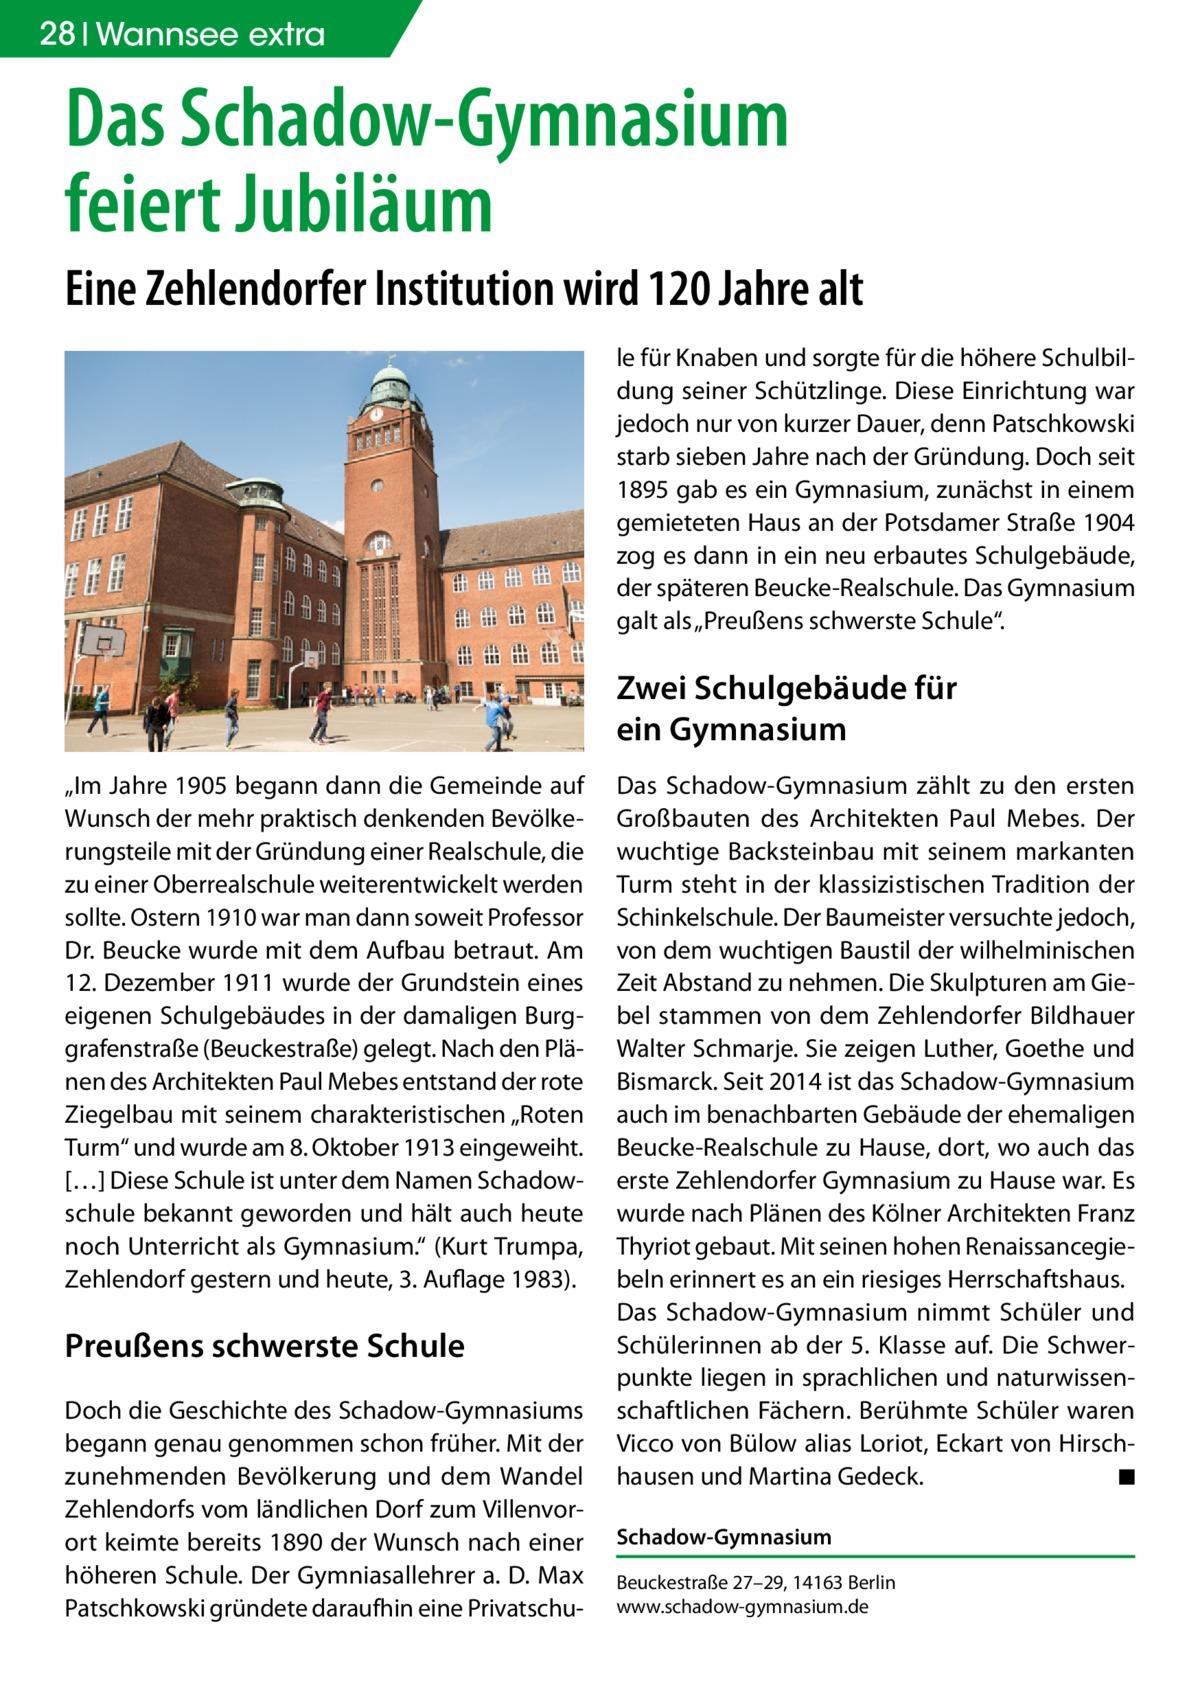 """28 Wannsee extra  Das Schadow-Gymnasium feiert Jubiläum Eine Zehlendorfer Institution wird 120Jahre alt le für Knaben und sorgte für die höhere Schulbildung seiner Schützlinge. Diese Einrichtung war jedoch nur von kurzer Dauer, denn Patschkowski starb sieben Jahre nach der Gründung. Doch seit 1895 gab es ein Gymnasium, zunächst in einem gemieteten Haus an der Potsdamer Straße1904 zog es dann in ein neu erbautes Schulgebäude, der späteren Beucke-Realschule. Das Gymnasium galt als """"Preußens schwerste Schule"""".  Zwei Schulgebäude für ein Gymnasium """"Im Jahre 1905 begann dann die Gemeinde auf Wunsch der mehr praktisch denkenden Bevölkerungsteile mit der Gründung einer Realschule, die zu einer Oberrealschule weiterentwickelt werden sollte. Ostern 1910 war man dann soweit Professor Dr. Beucke wurde mit dem Aufbau betraut. Am 12.Dezember 1911 wurde der Grundstein eines eigenen Schulgebäudes in der damaligen Burggrafenstraße (Beuckestraße) gelegt. Nach den Plänen des Architekten Paul Mebes entstand der rote Ziegelbau mit seinem charakteristischen """"Roten Turm"""" und wurde am 8.Oktober 1913 eingeweiht. […] Diese Schule ist unter dem Namen Schadowschule bekannt geworden und hält auch heute noch Unterricht als Gymnasium."""" (Kurt Trumpa, Zehlendorf gestern und heute, 3. Auflage 1983).  Preußens schwerste Schule Doch die Geschichte des Schadow-Gymnasiums begann genau genommen schon früher. Mit der zunehmenden Bevölkerung und dem Wandel Zehlendorfs vom ländlichen Dorf zum Villenvorort keimte bereits 1890 der Wunsch nach einer höheren Schule. Der Gymniasallehrer a. D. Max Patschkowski gründete daraufhin eine Privatschu Das Schadow-Gymnasium zählt zu den ersten Großbauten des Architekten Paul Mebes. Der wuchtige Backsteinbau mit seinem markanten Turm steht in der klassizistischen Tradition der Schinkelschule. Der Baumeister versuchte jedoch, von dem wuchtigen Baustil der wilhelminischen Zeit Abstand zu nehmen. Die Skulpturen am Giebel stammen von dem Zehlendorfer Bildhauer Walter Schmarj"""